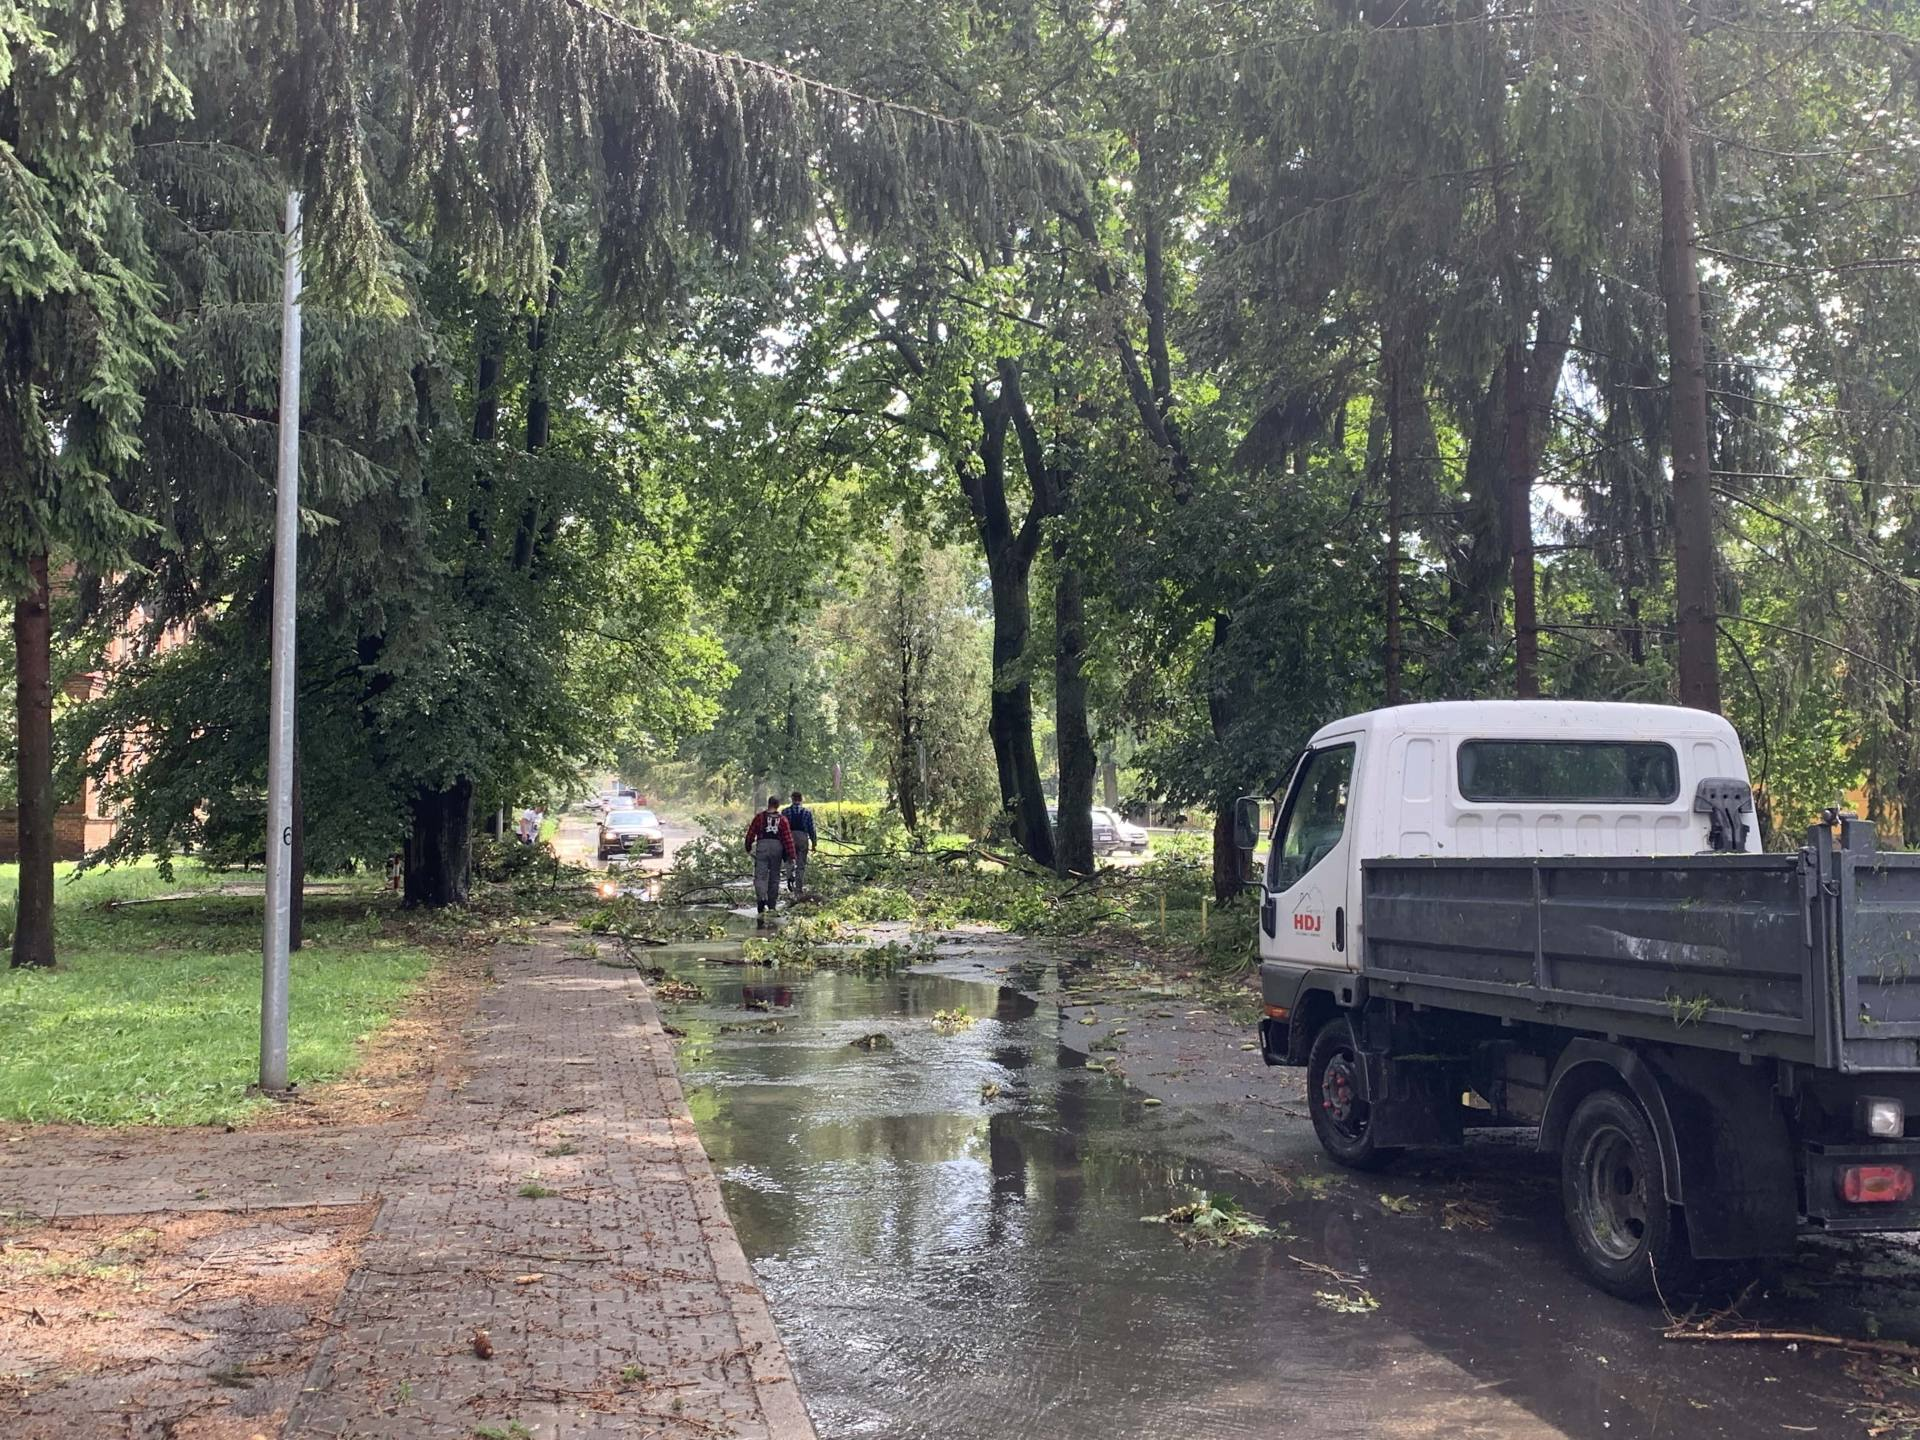 img 0961 Zerwane dachy, połamane drzewa, uszkodzone samochody. Straty po burzy, która przeszła nad Zamojszczyzną